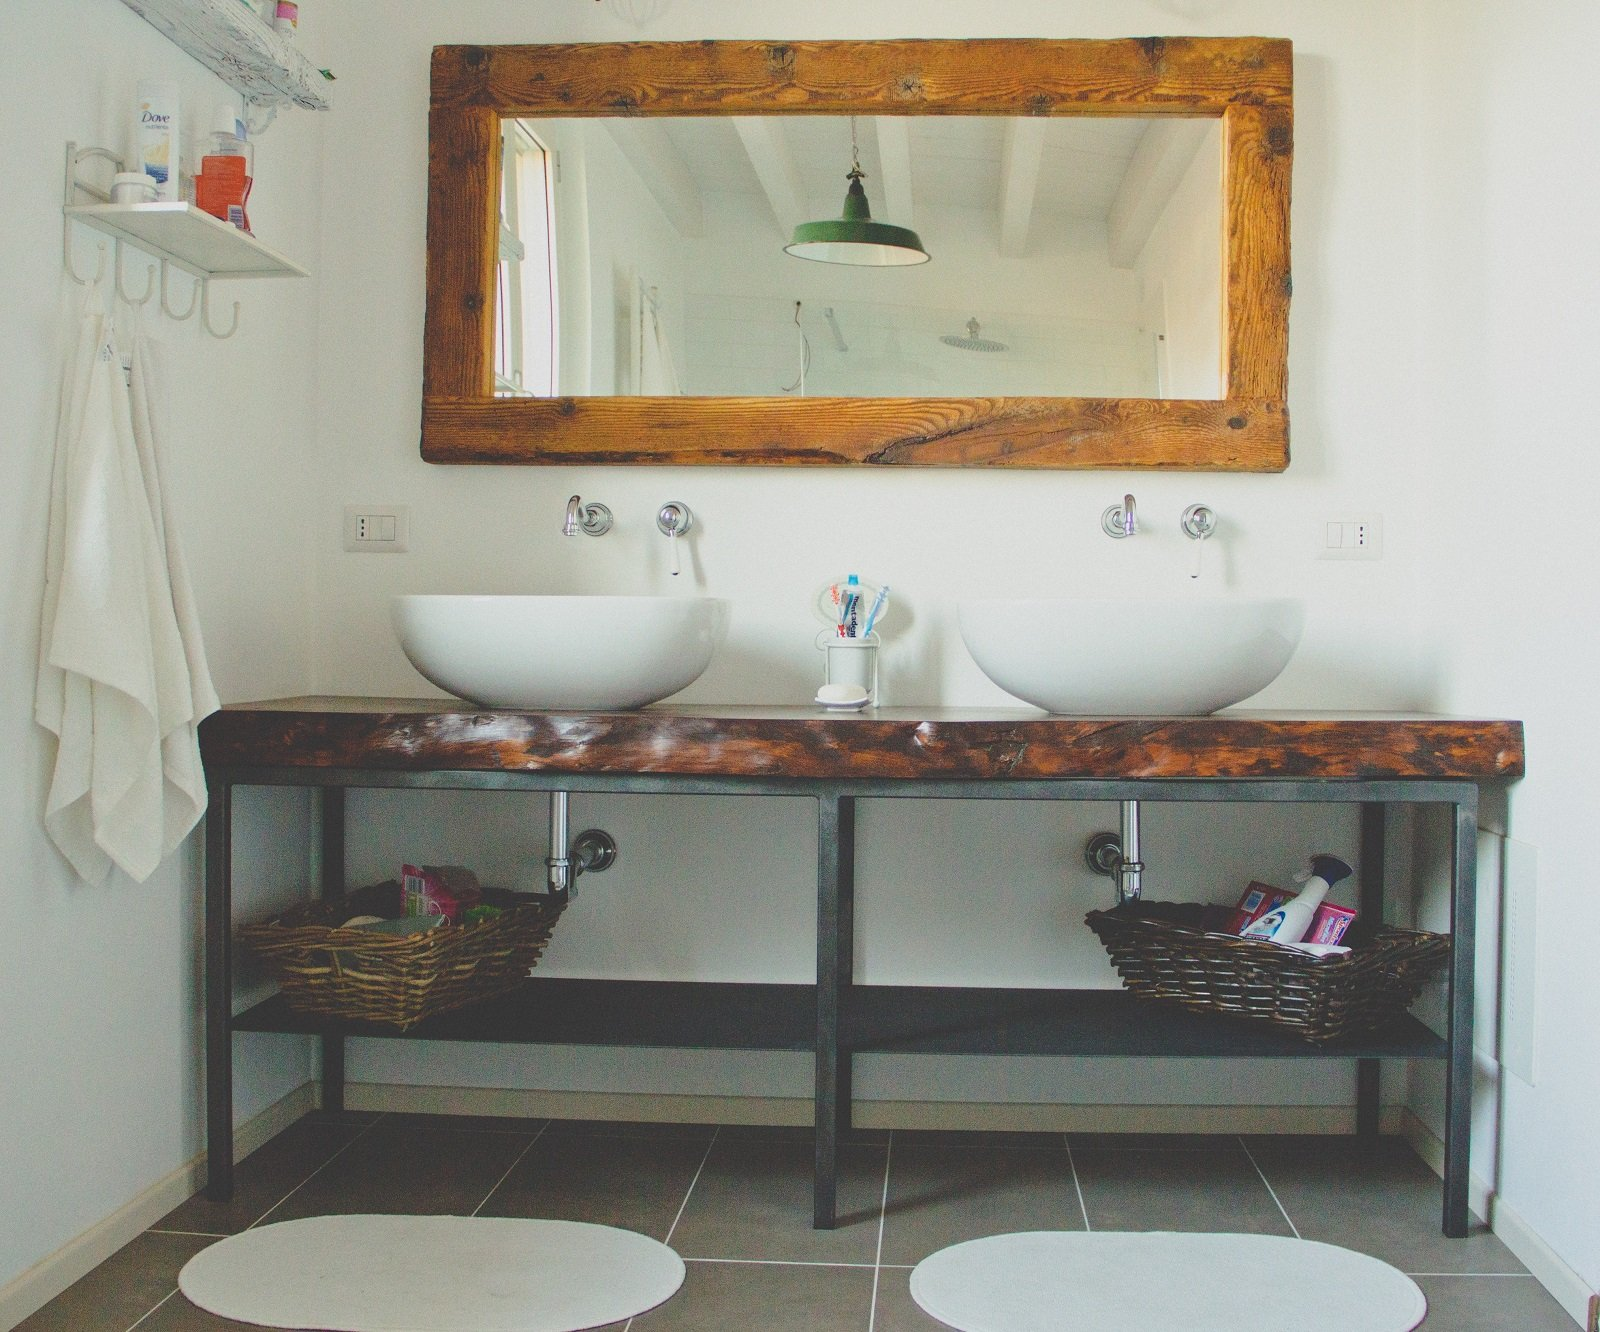 Arredi d 39 epoca e pezzi di recupero per la casa di campagna - Specchi bagno maison du monde ...